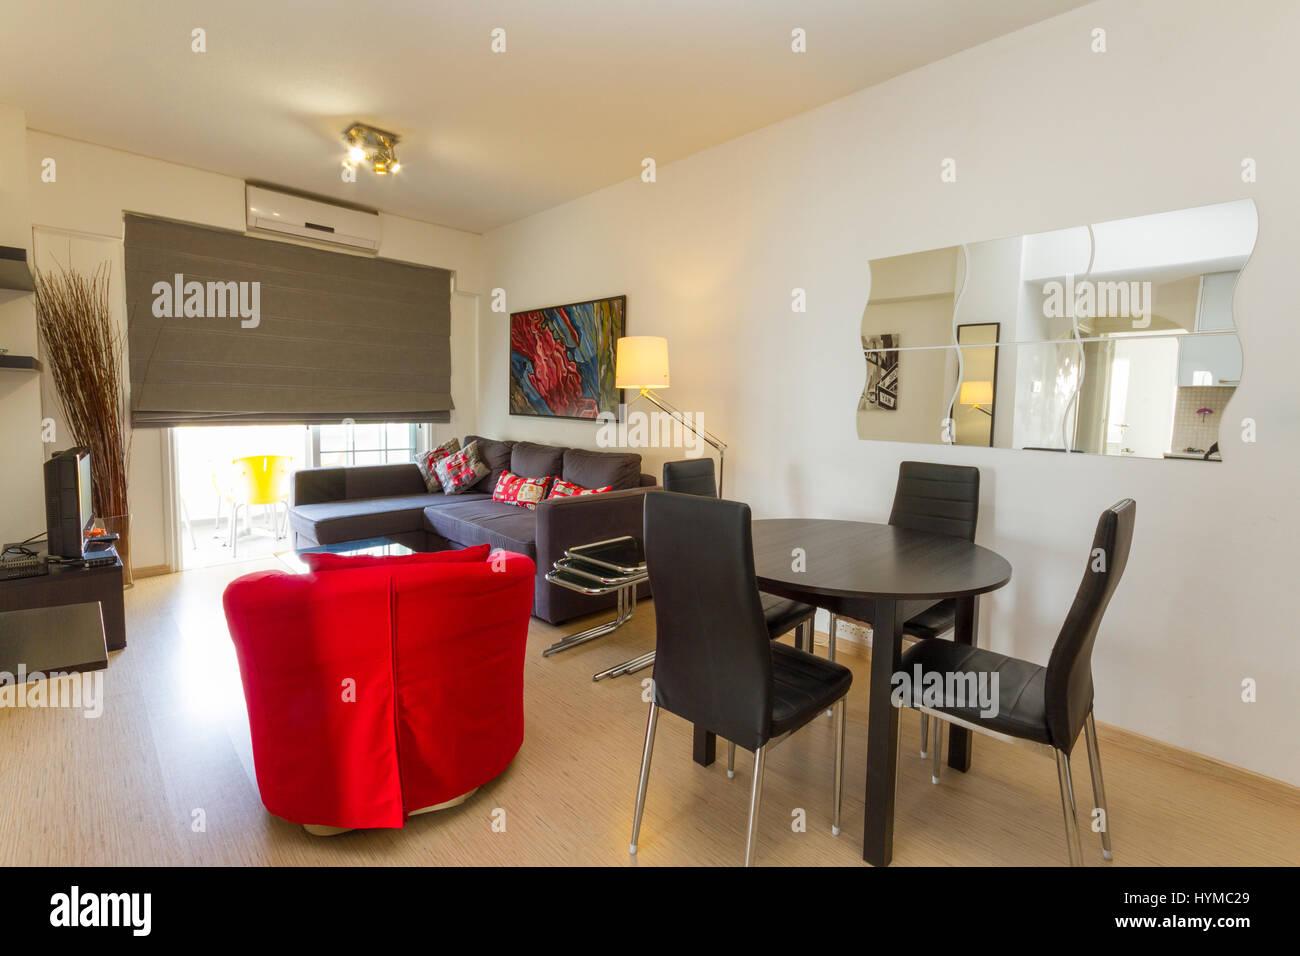 Salon moderne en couleurs rouge et marron wenge contenant ...